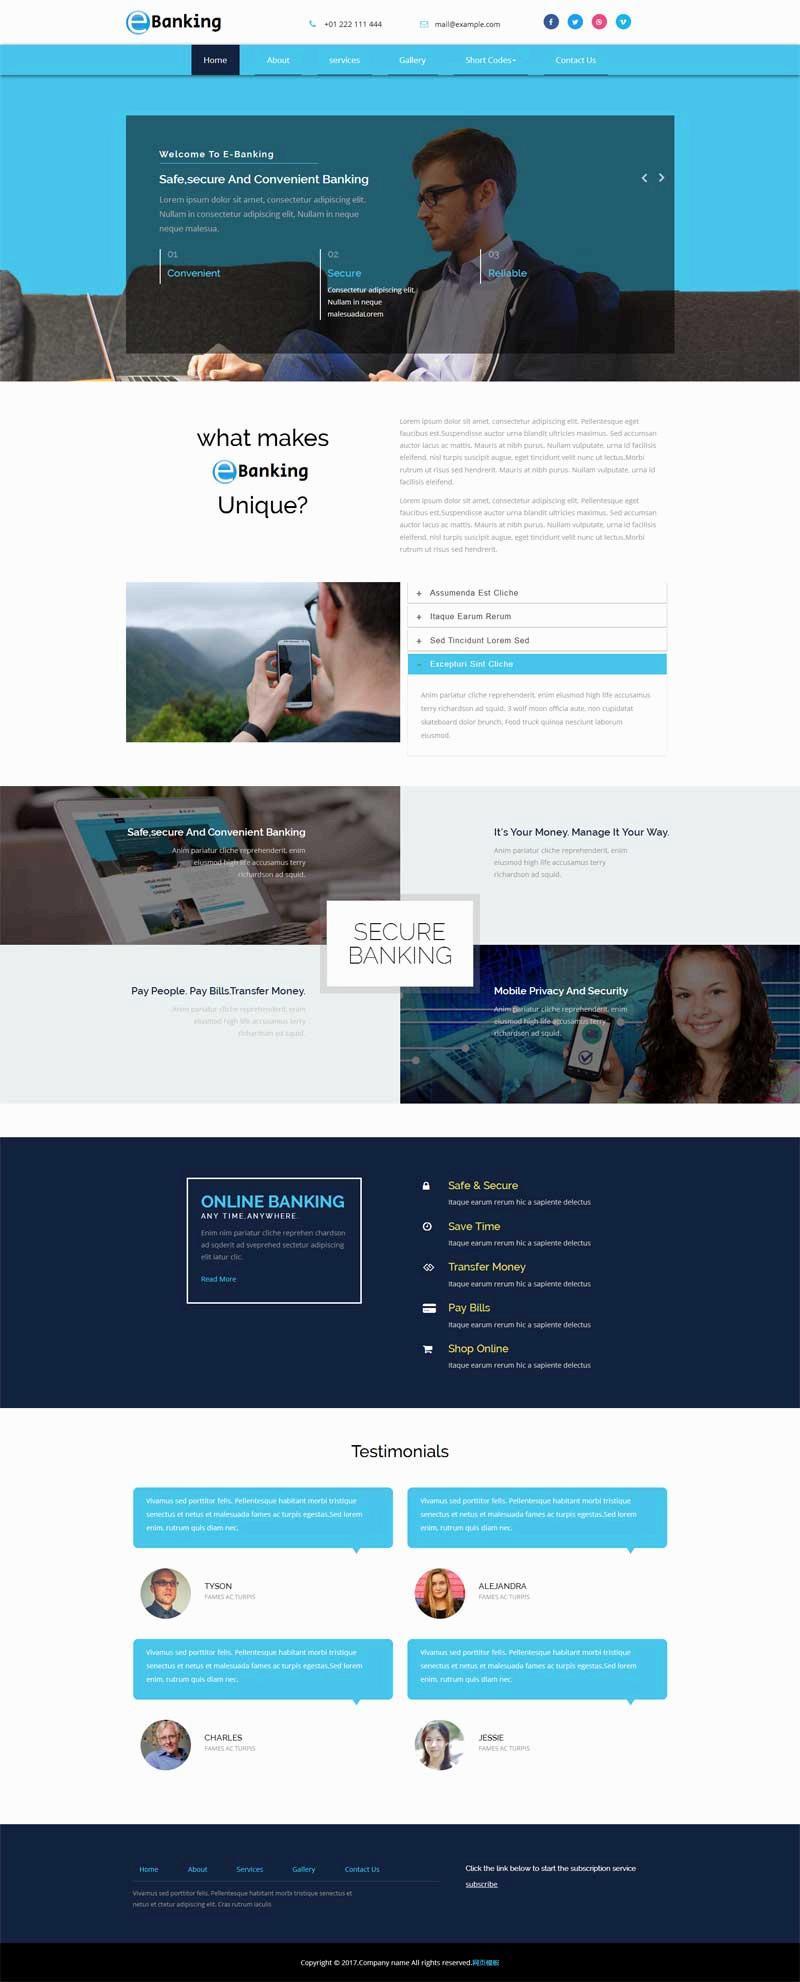 蓝色的在线电子银行公司介绍网站模板